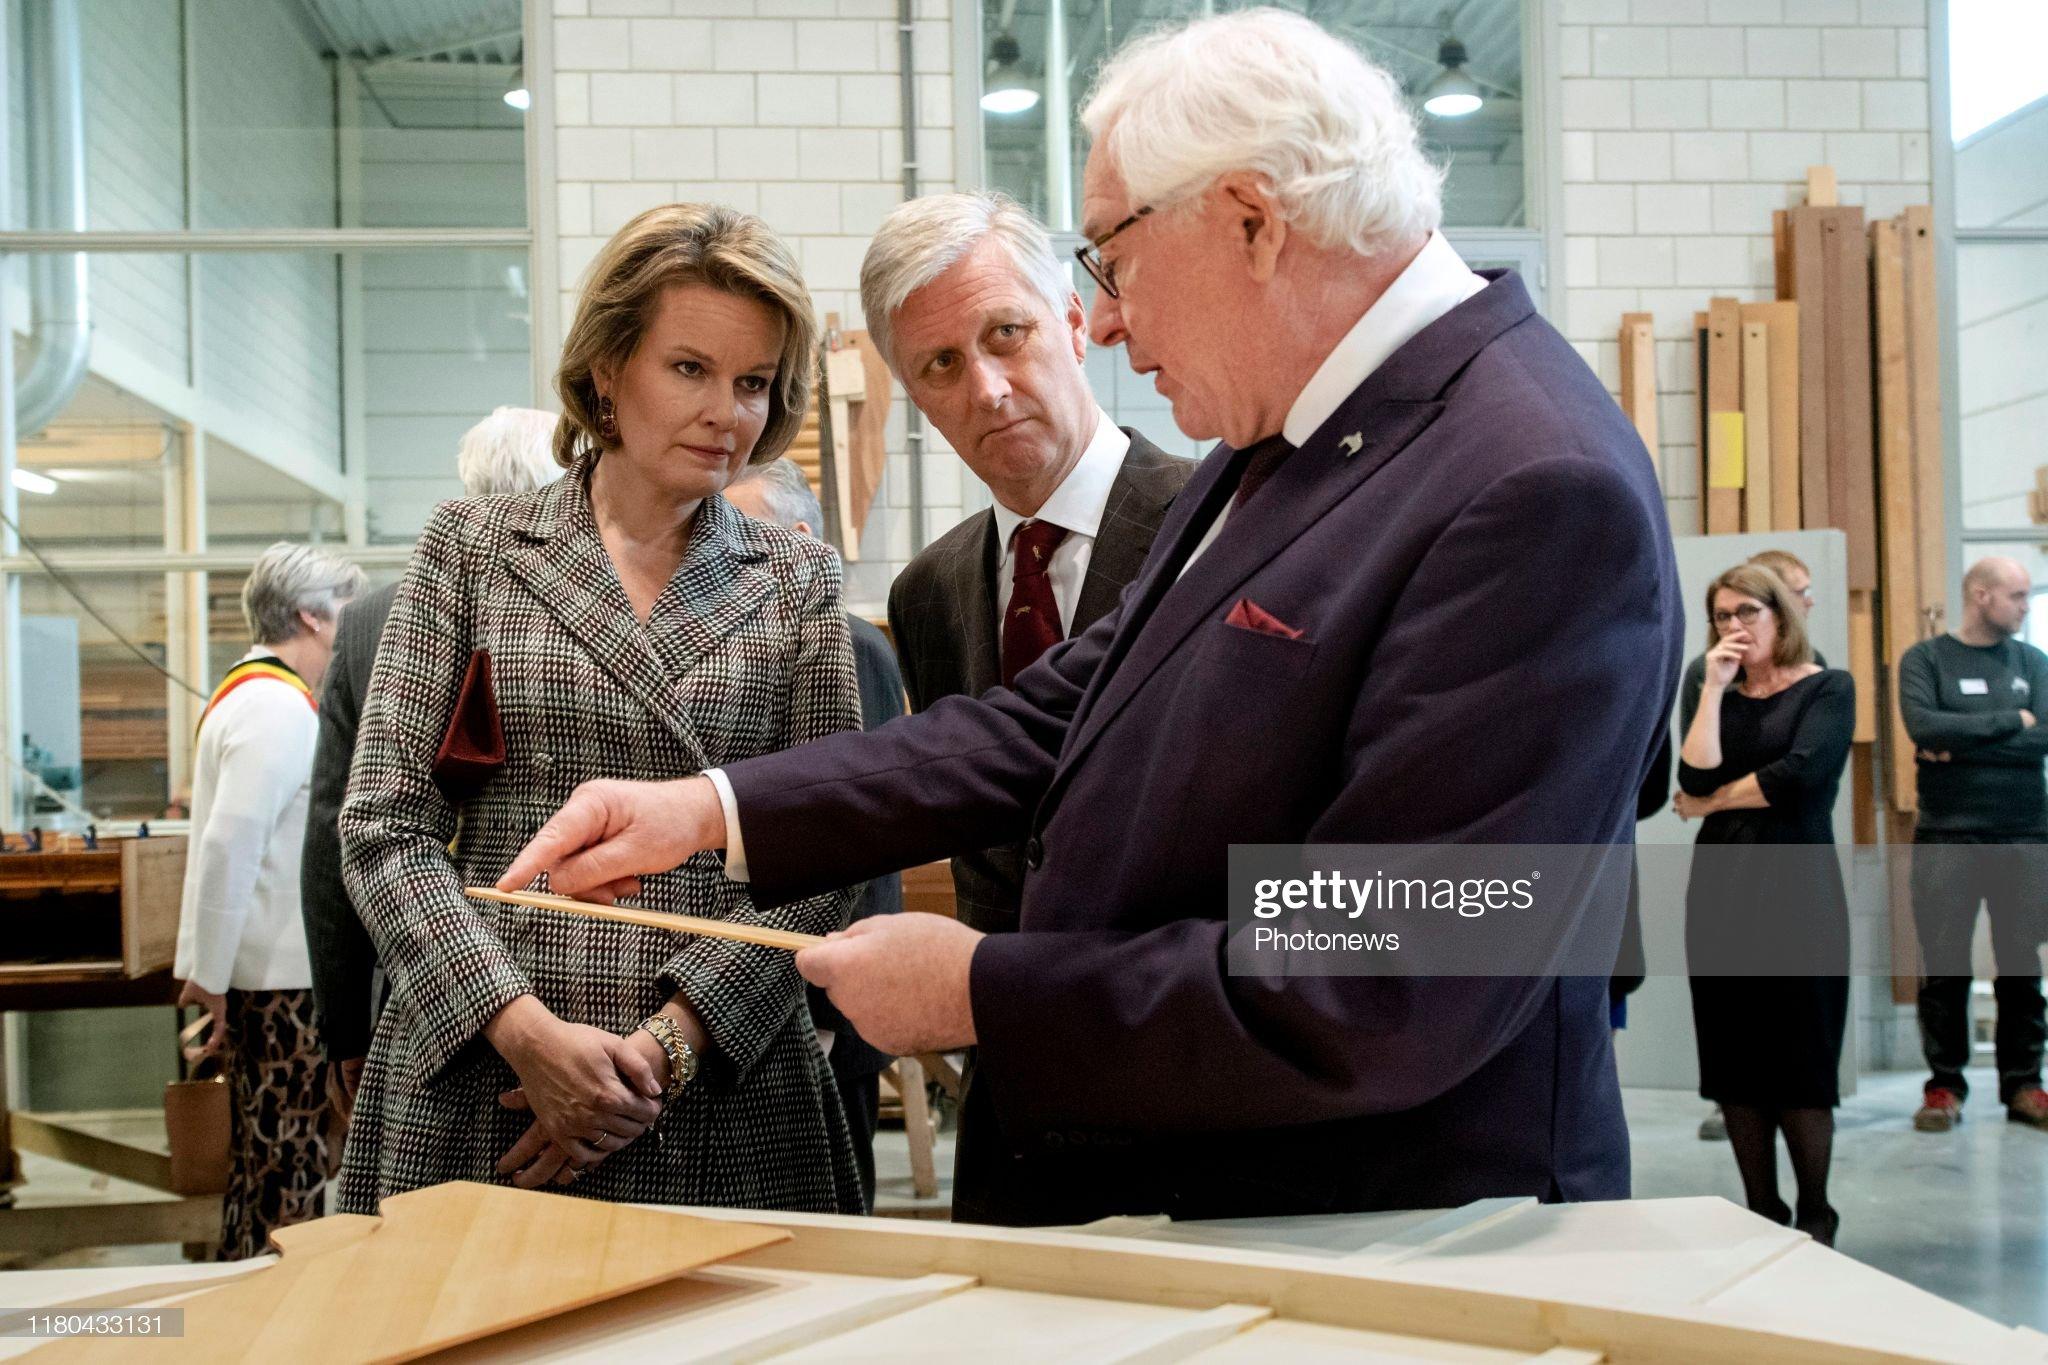 ruiselede-belgium-november-6-2019-bezoek-aan-pianos-maene-visite-picture-id1180433131